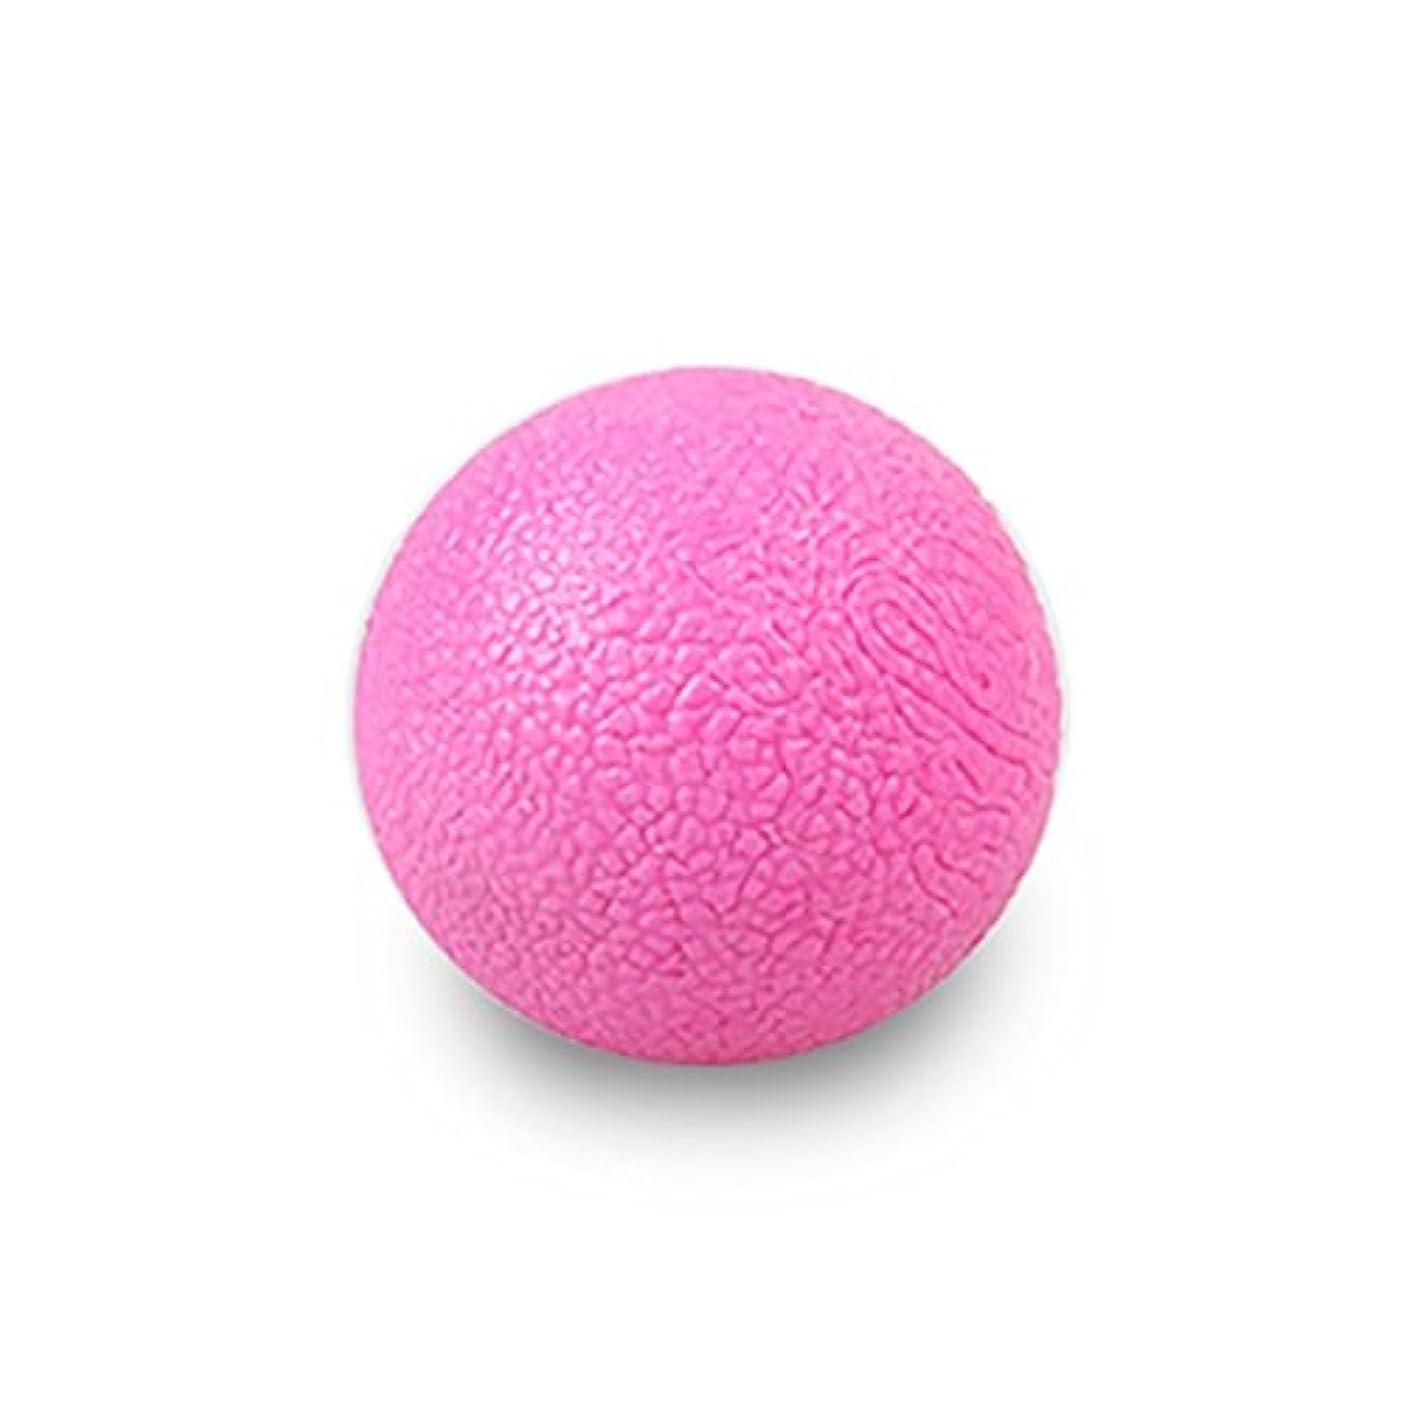 ワイドミニチュア北方Shape Up UPnShape ミニ マッサージ ボール (4.7 インチ)/ストレッチ、ヨガ リハビリテーション腰痛首 (ピンク)